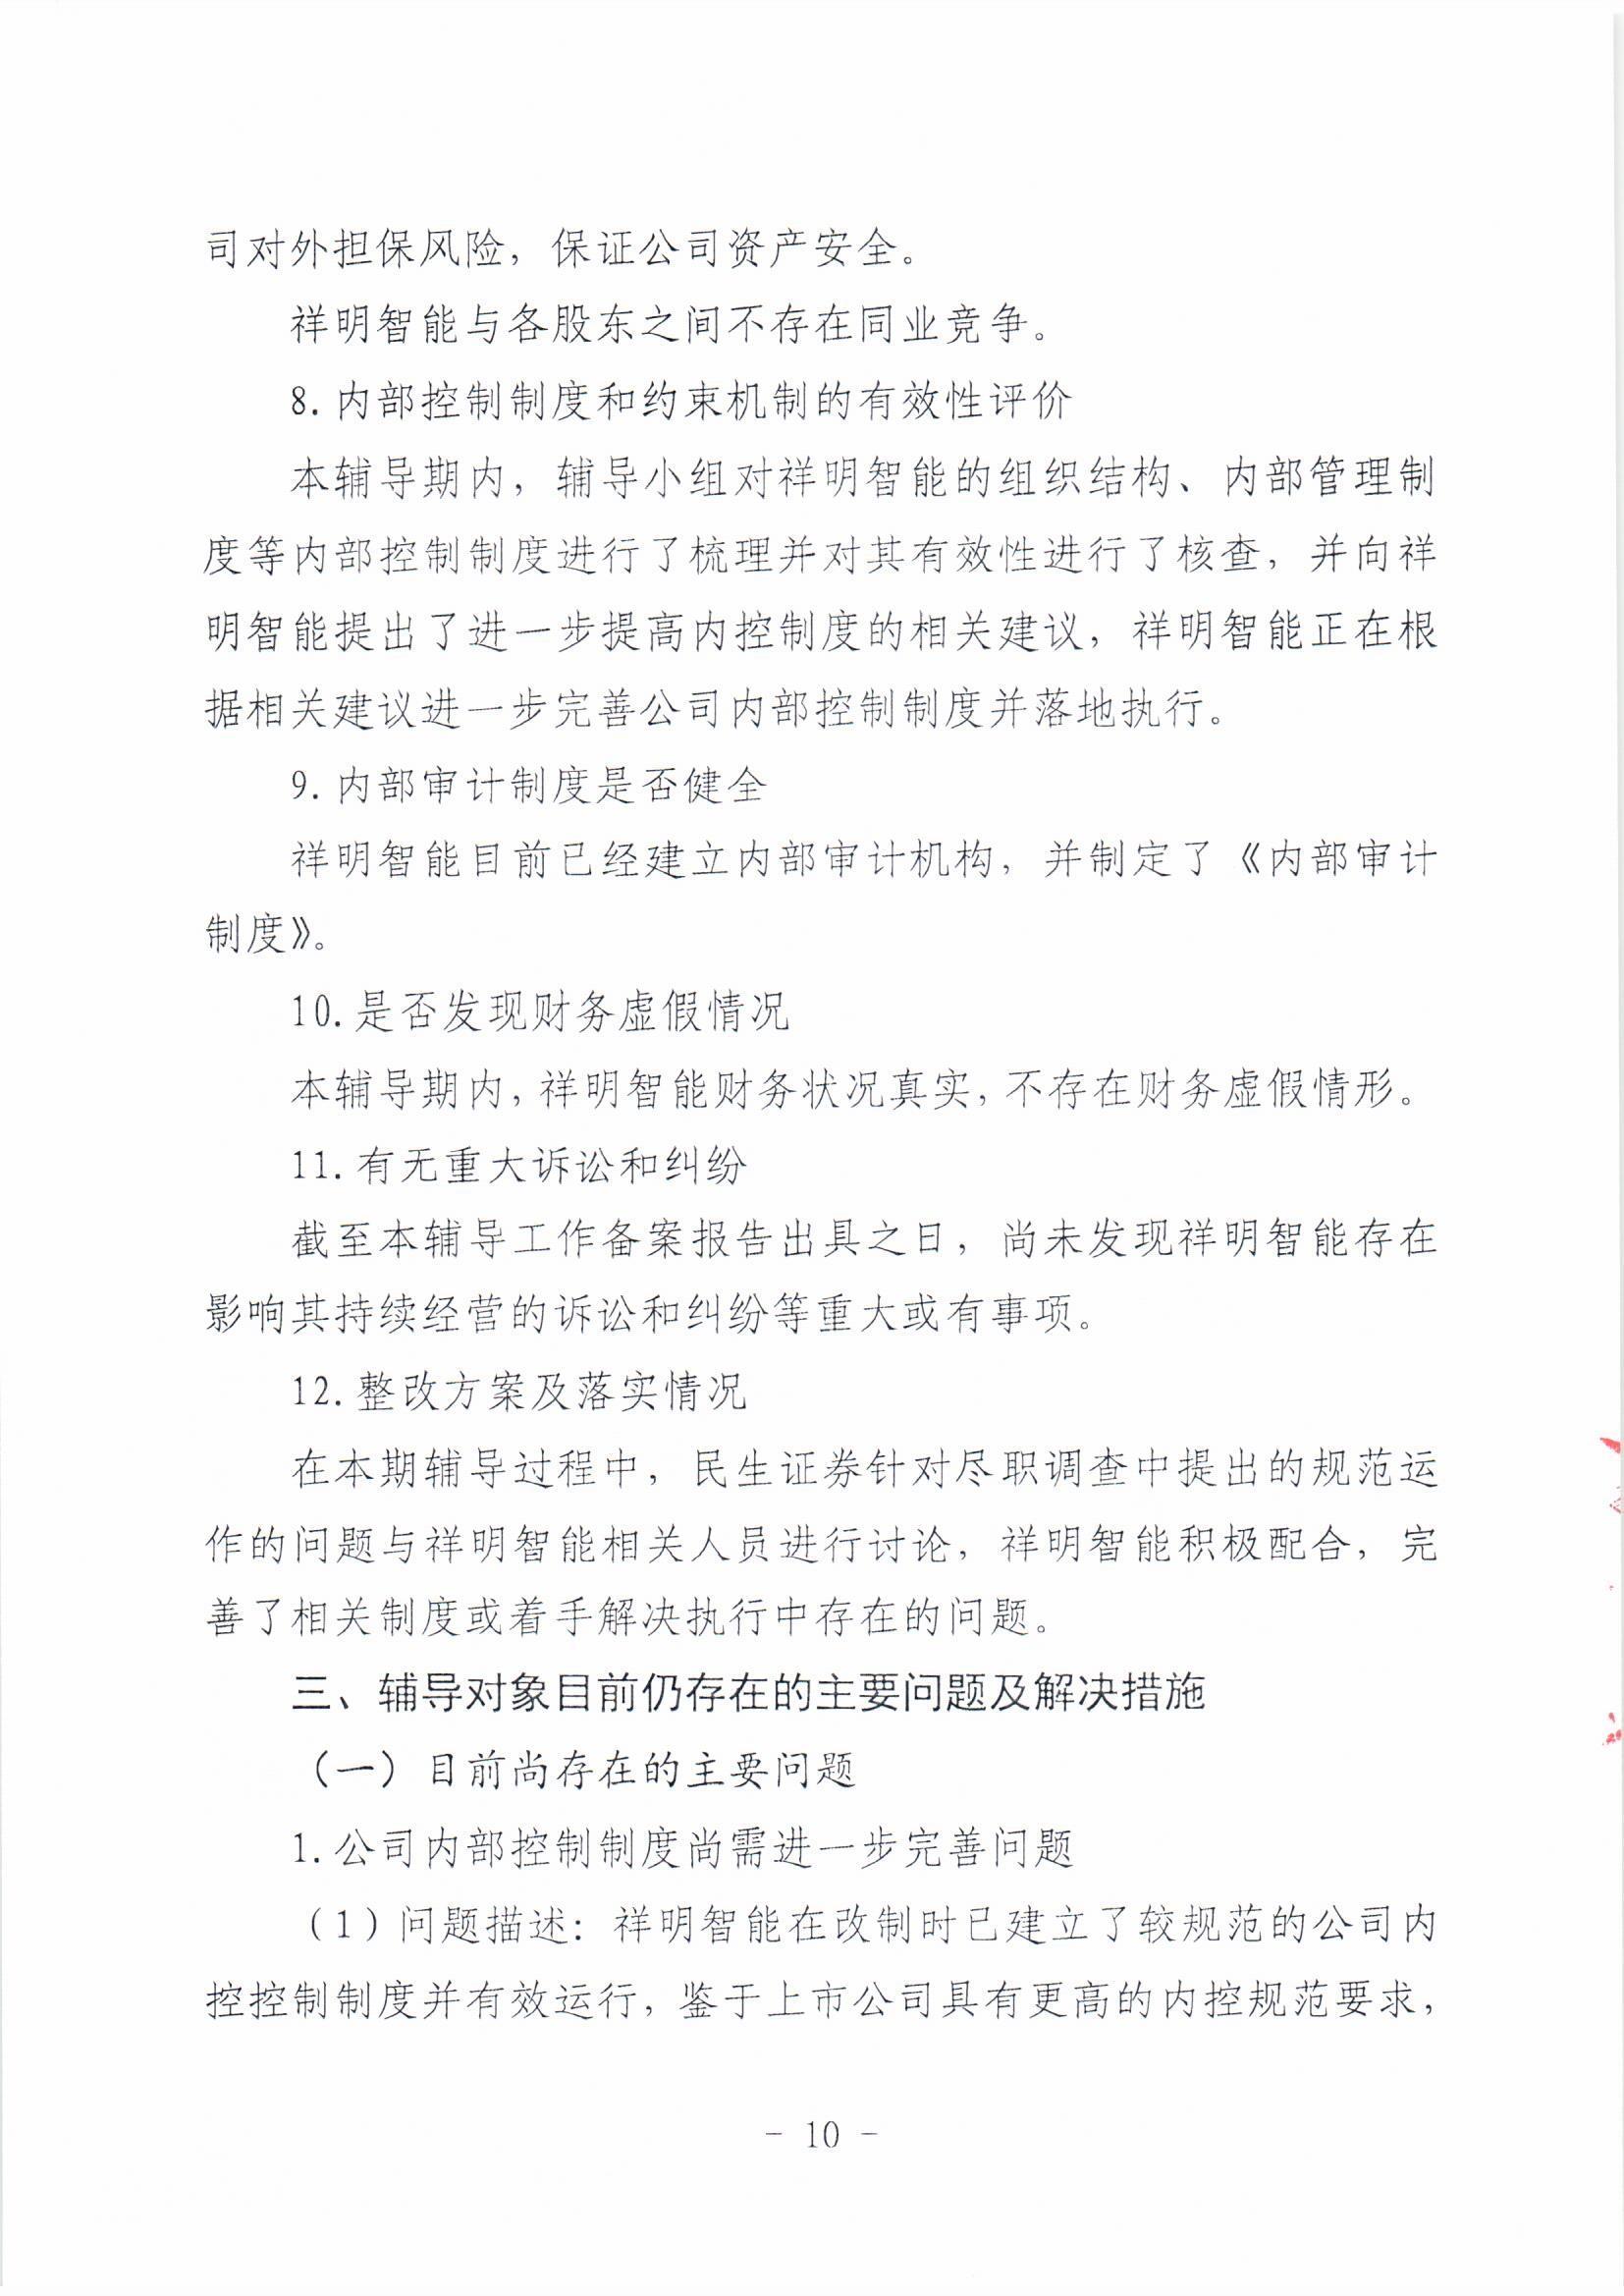 祥明智能第一期辅导的备案报告-上传版20200918_页面_10.jpg